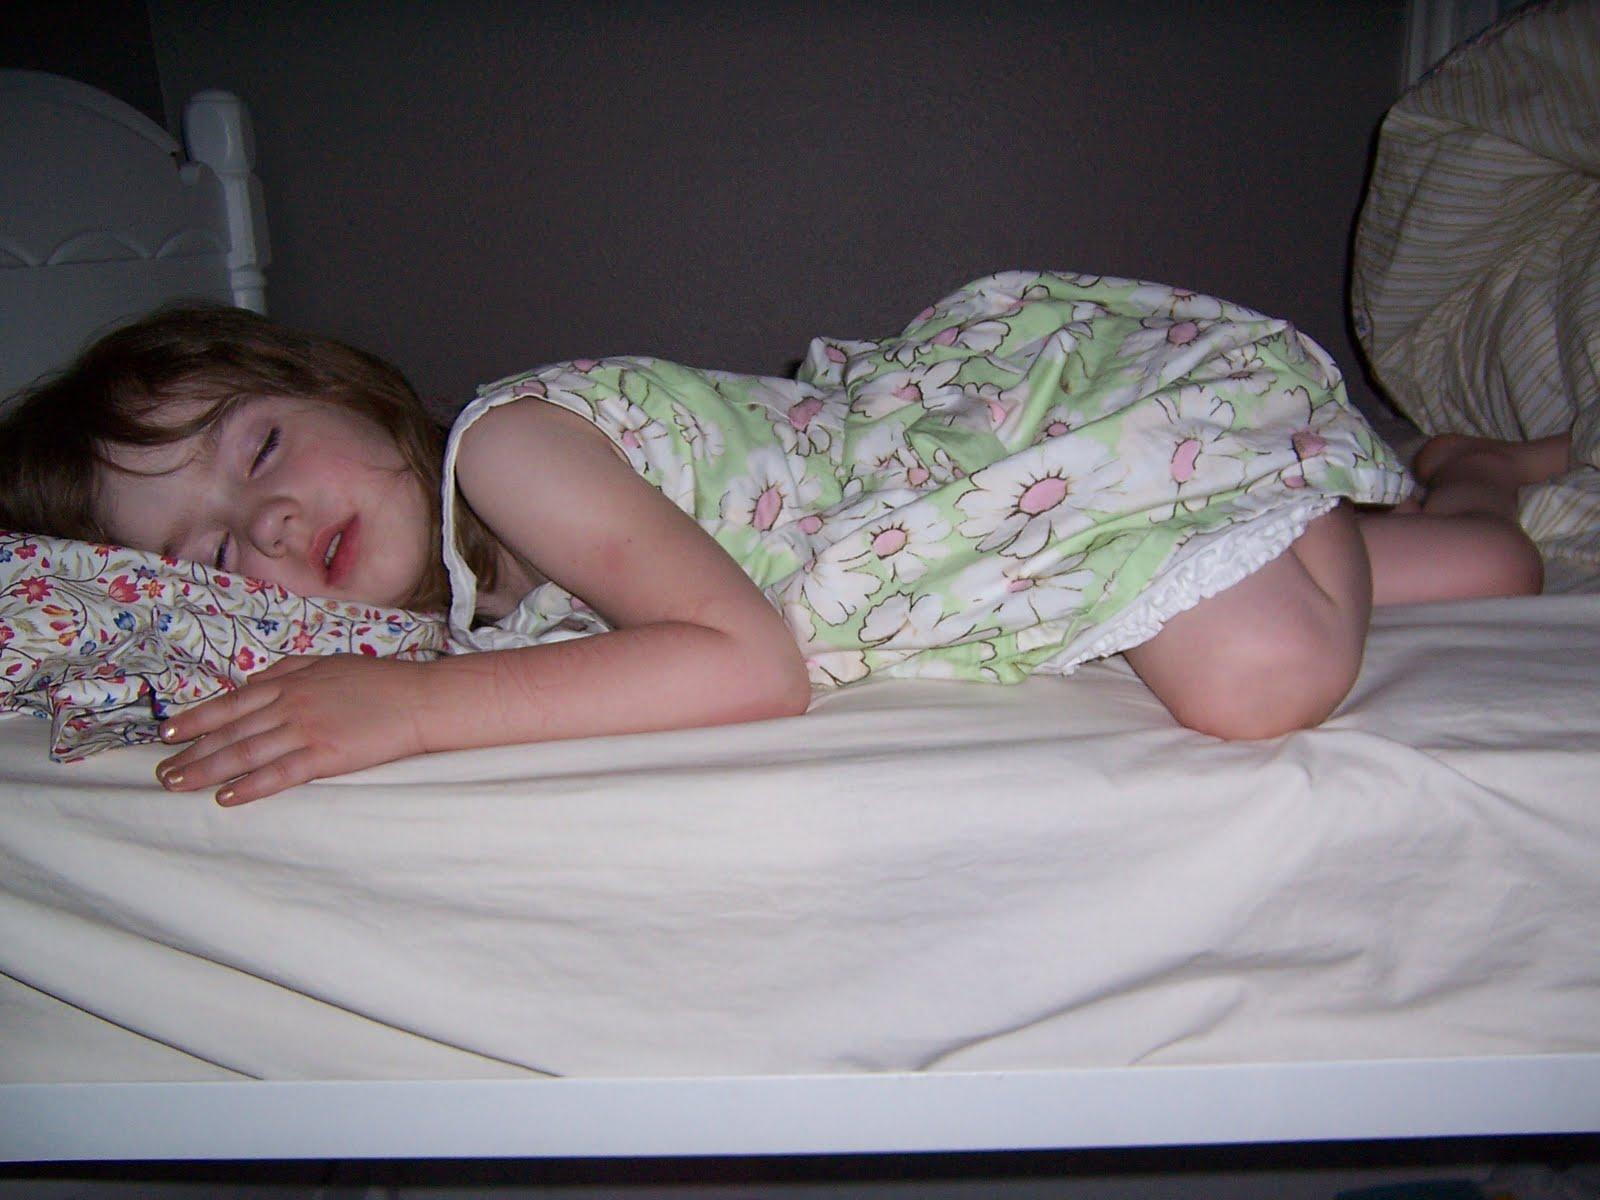 problemas, sueño, rutinas, familia, autonomía, dormir, niños, hijos, psicología, infantil